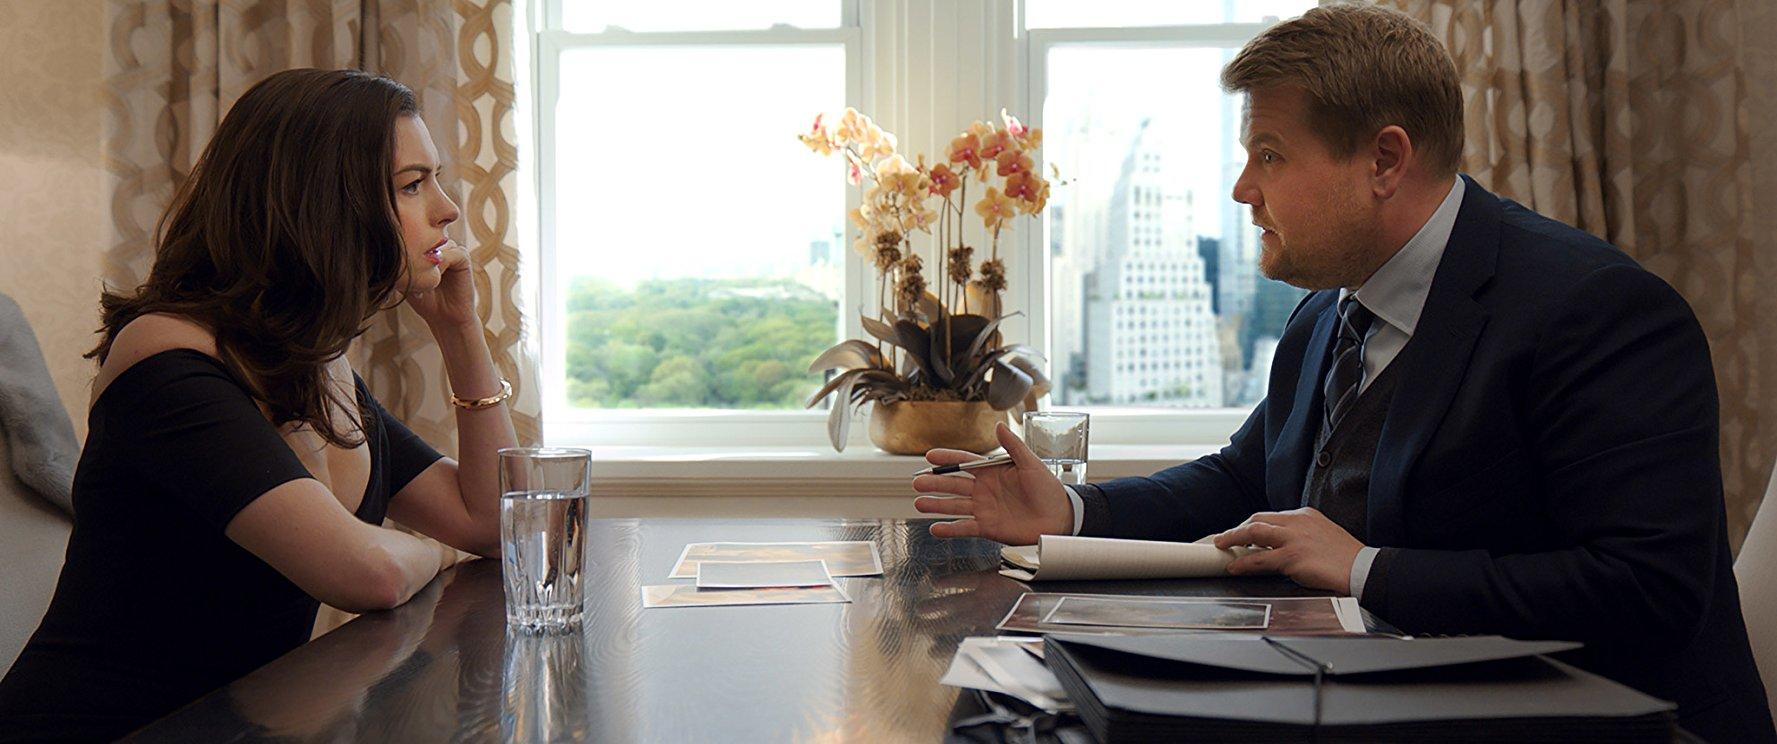 《 瞞天過海 : 八面玲瓏 》中 安海瑟威 飾演的角色定位處於一個亦正亦邪的灰色地帶。